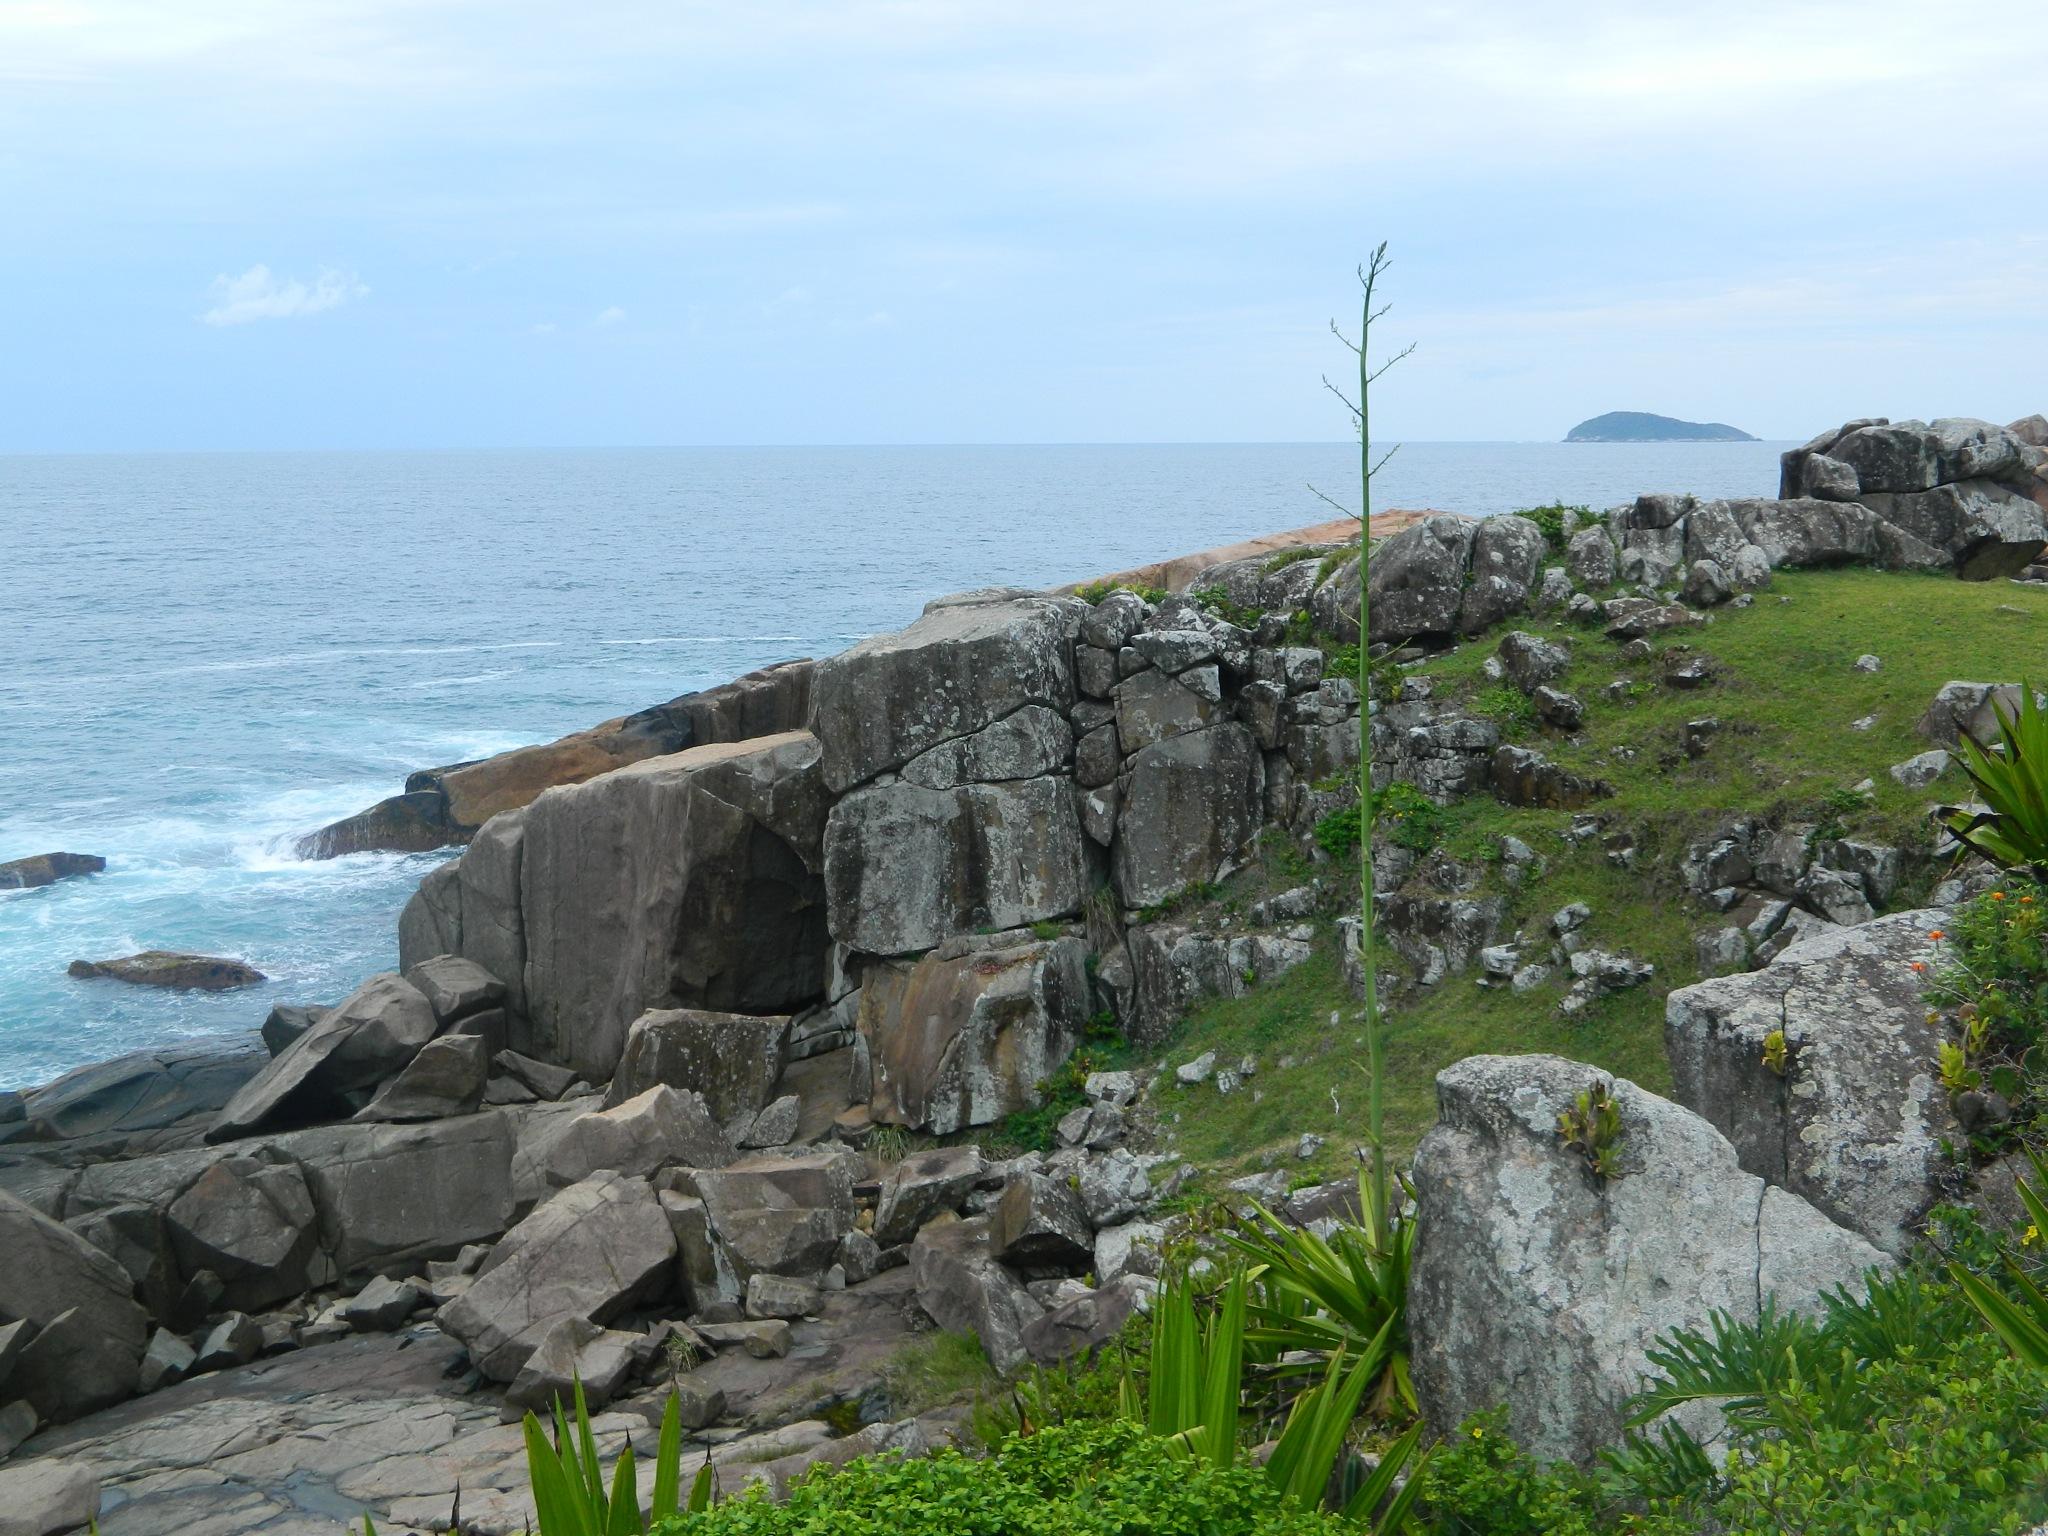 Sem as rochas as ondas não subiriam tão alto by roneilow